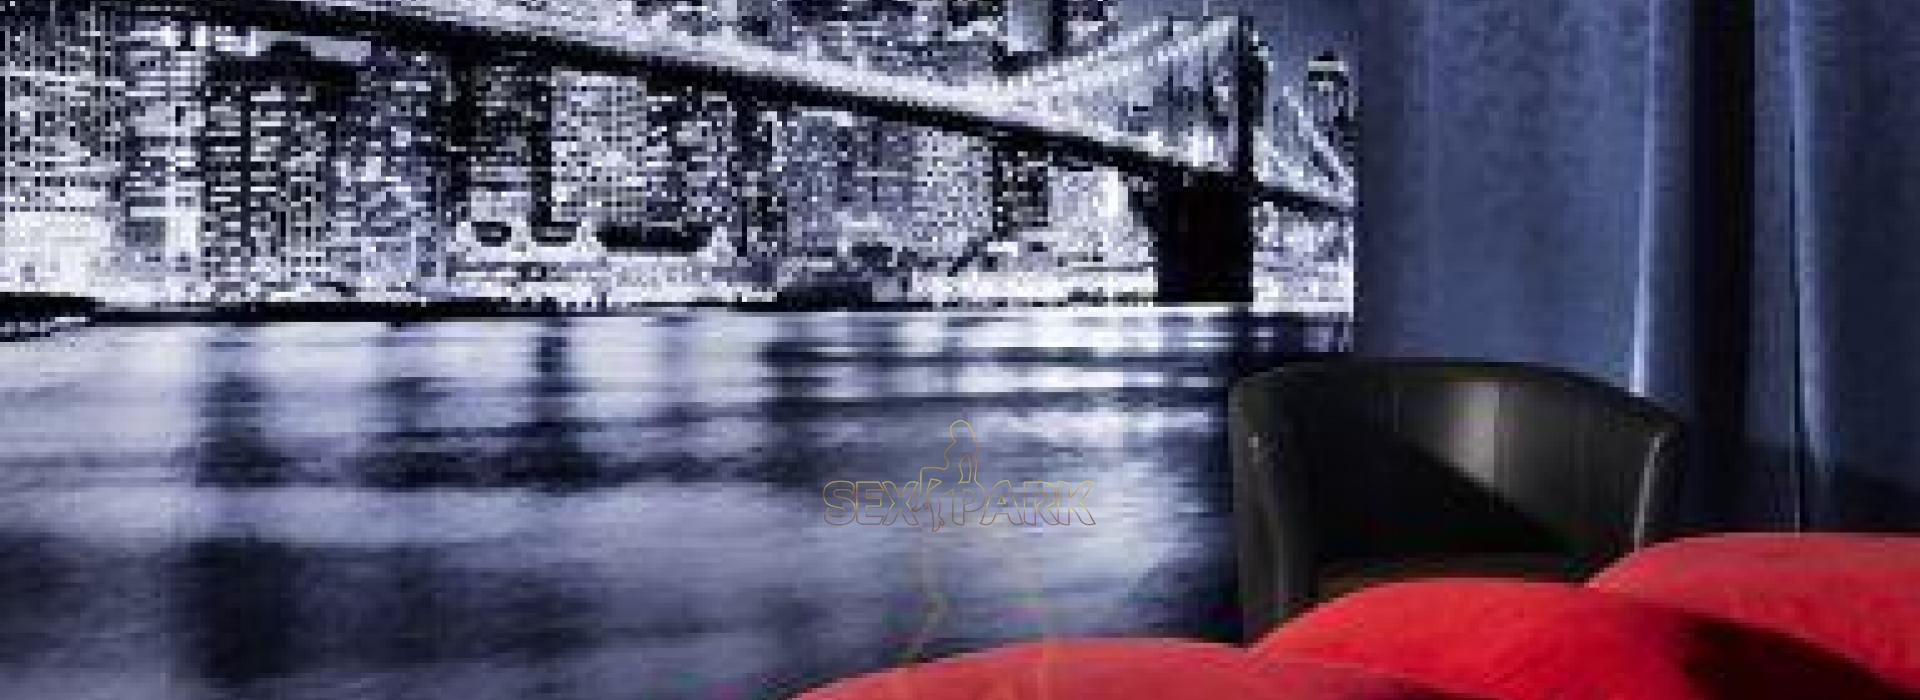 Katy background photo